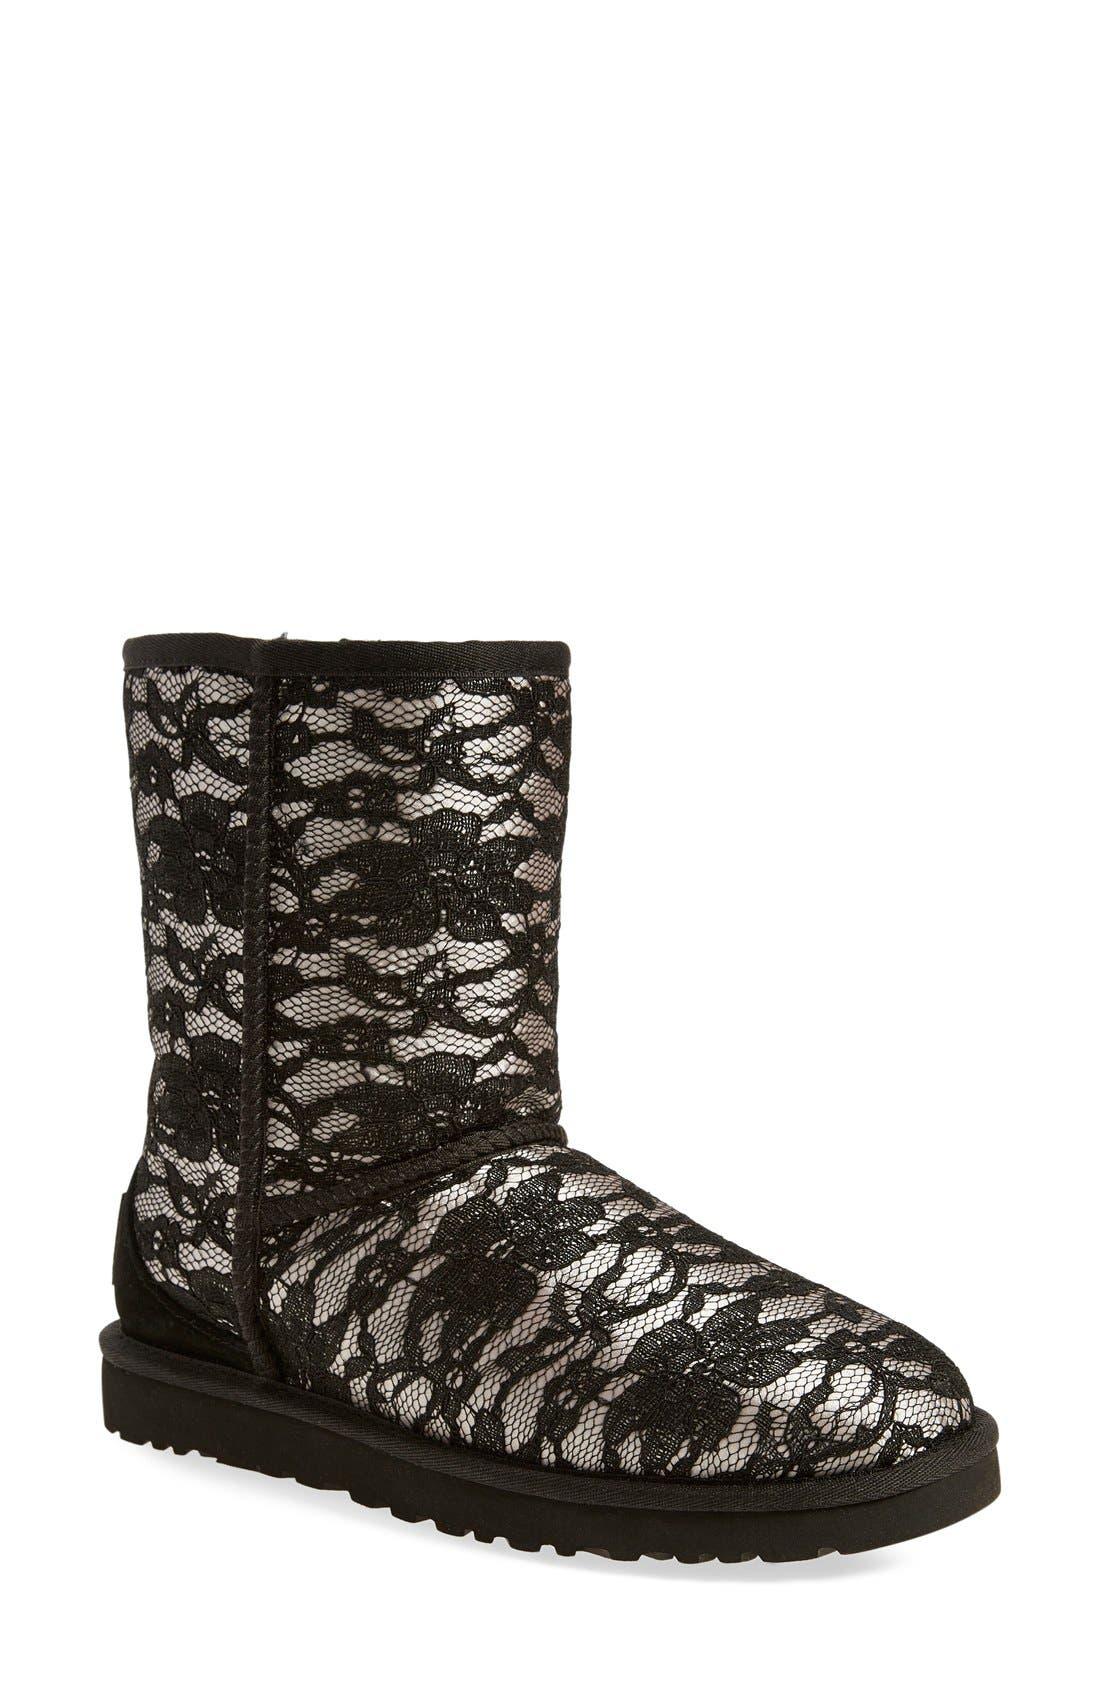 Main Image - UGG® 'Classic Short Antoinette' Boot (Women)